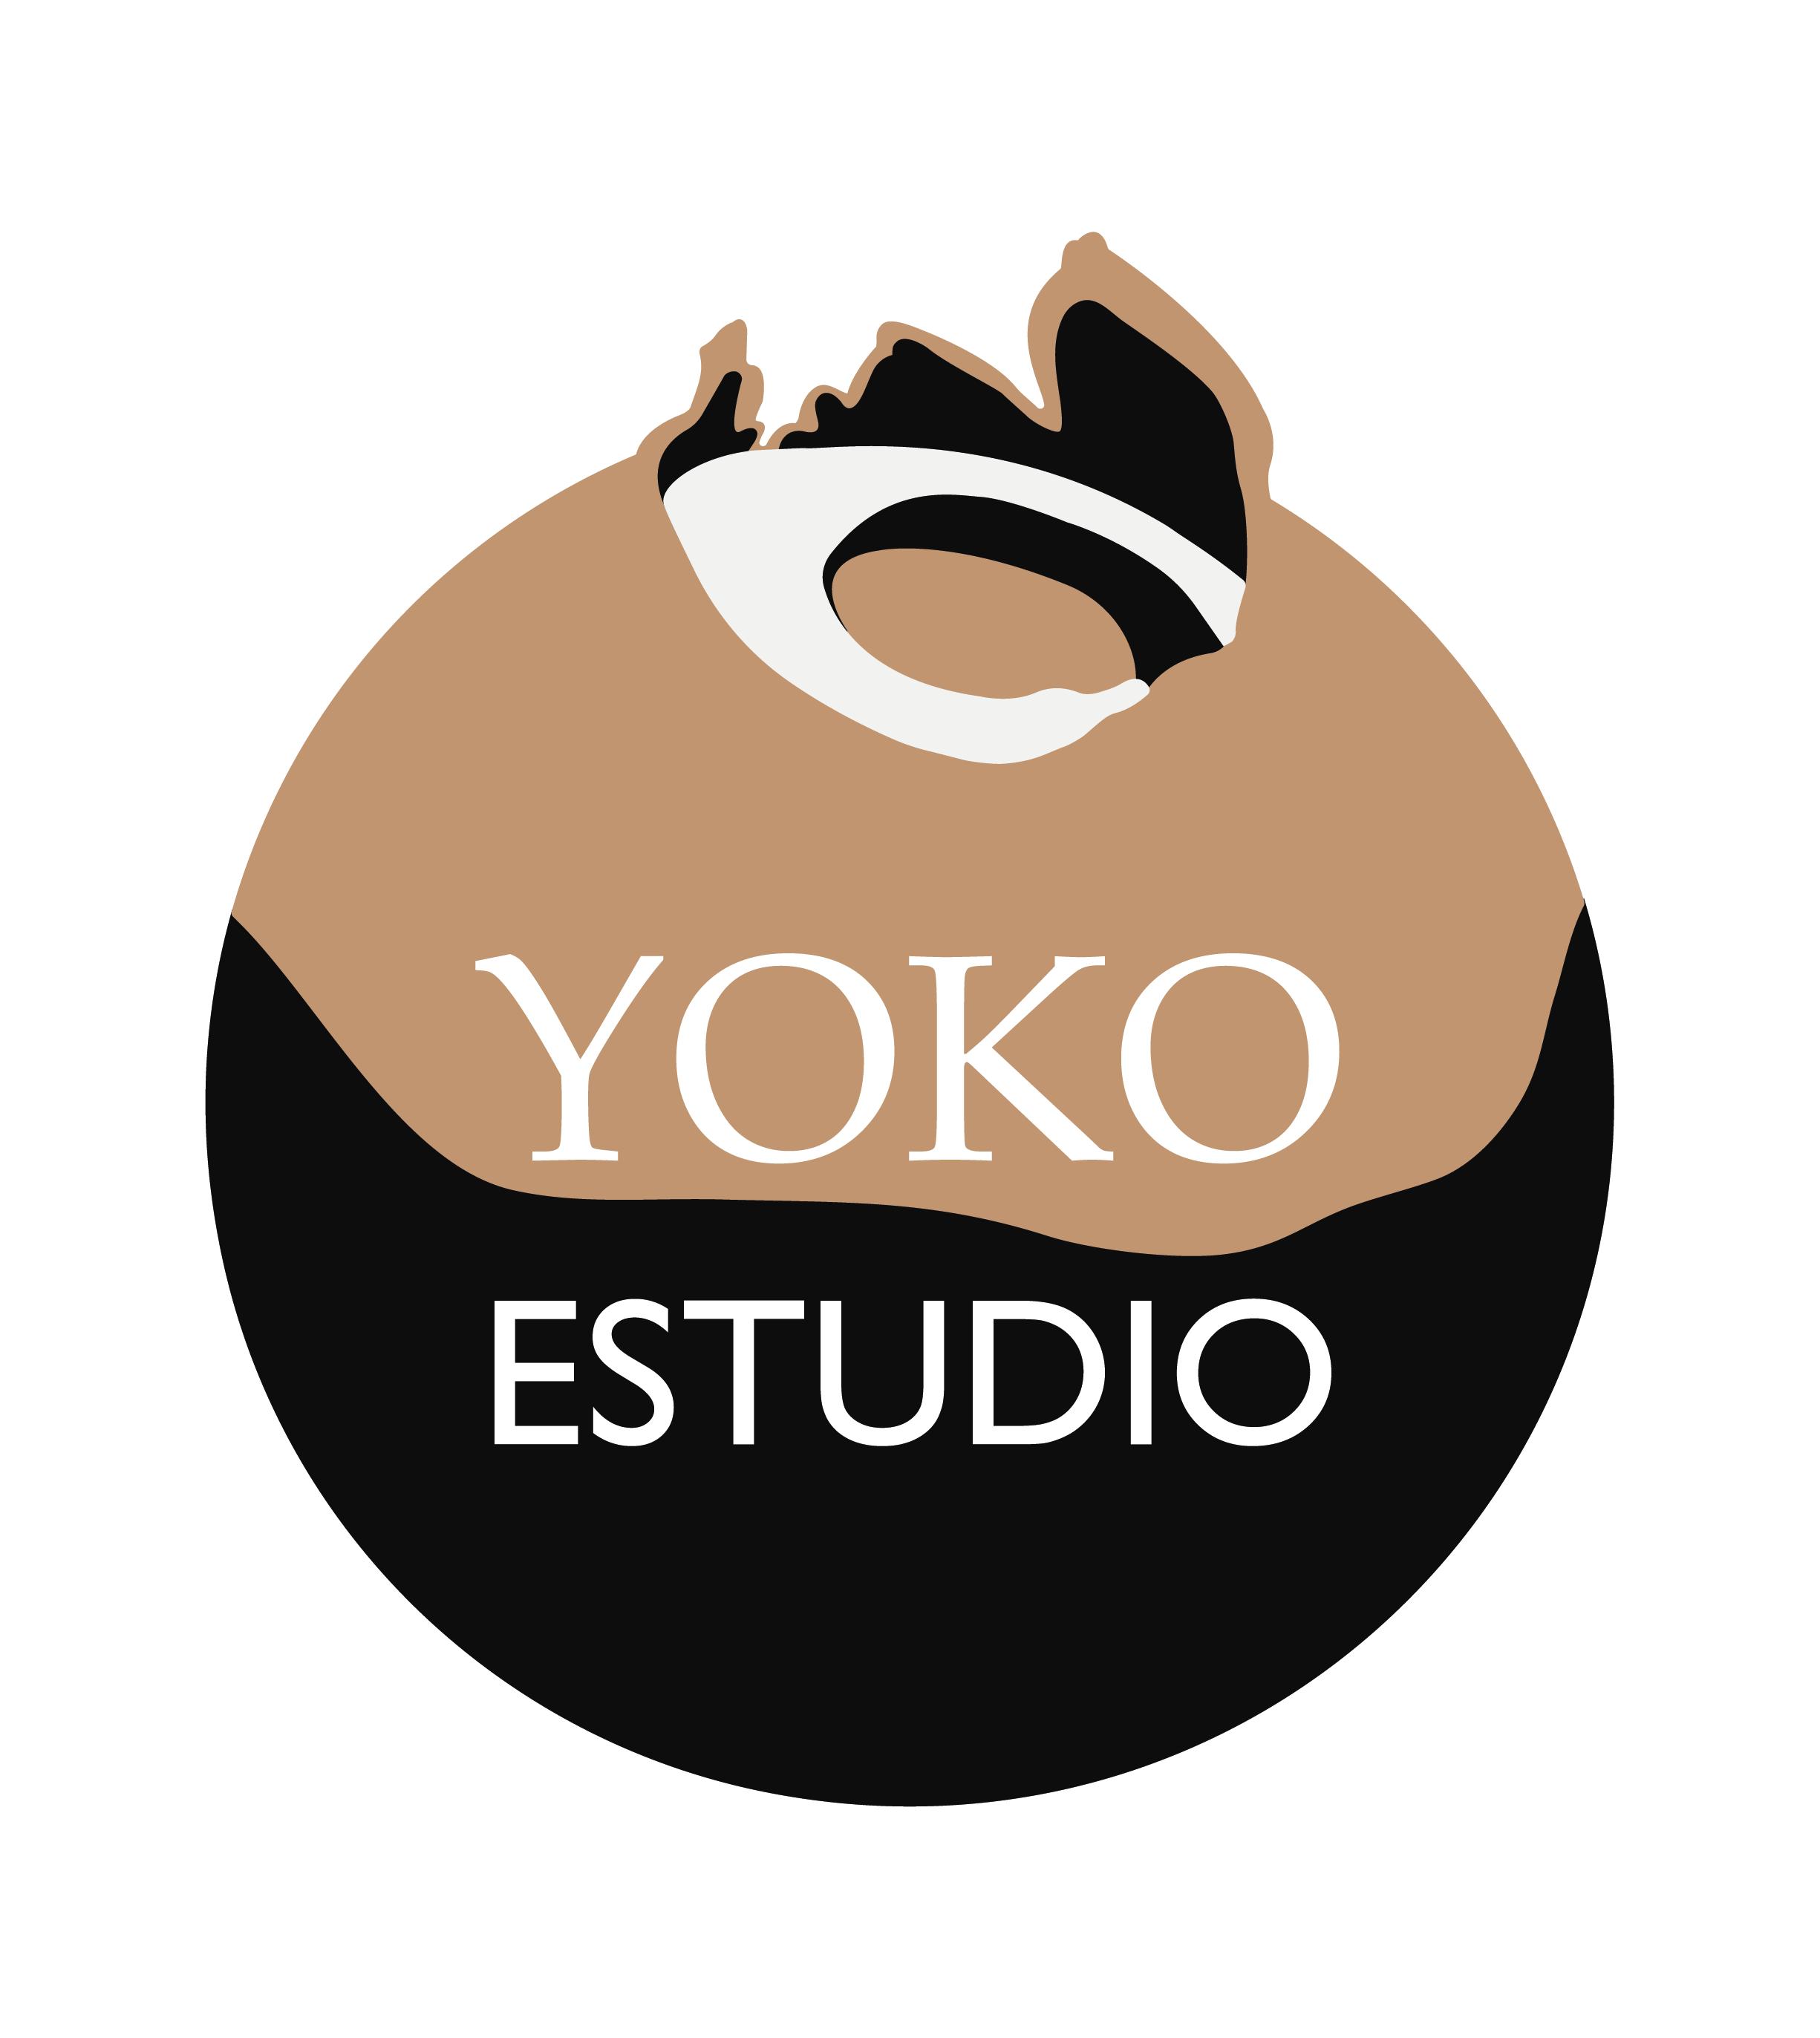 Yoko Estudio